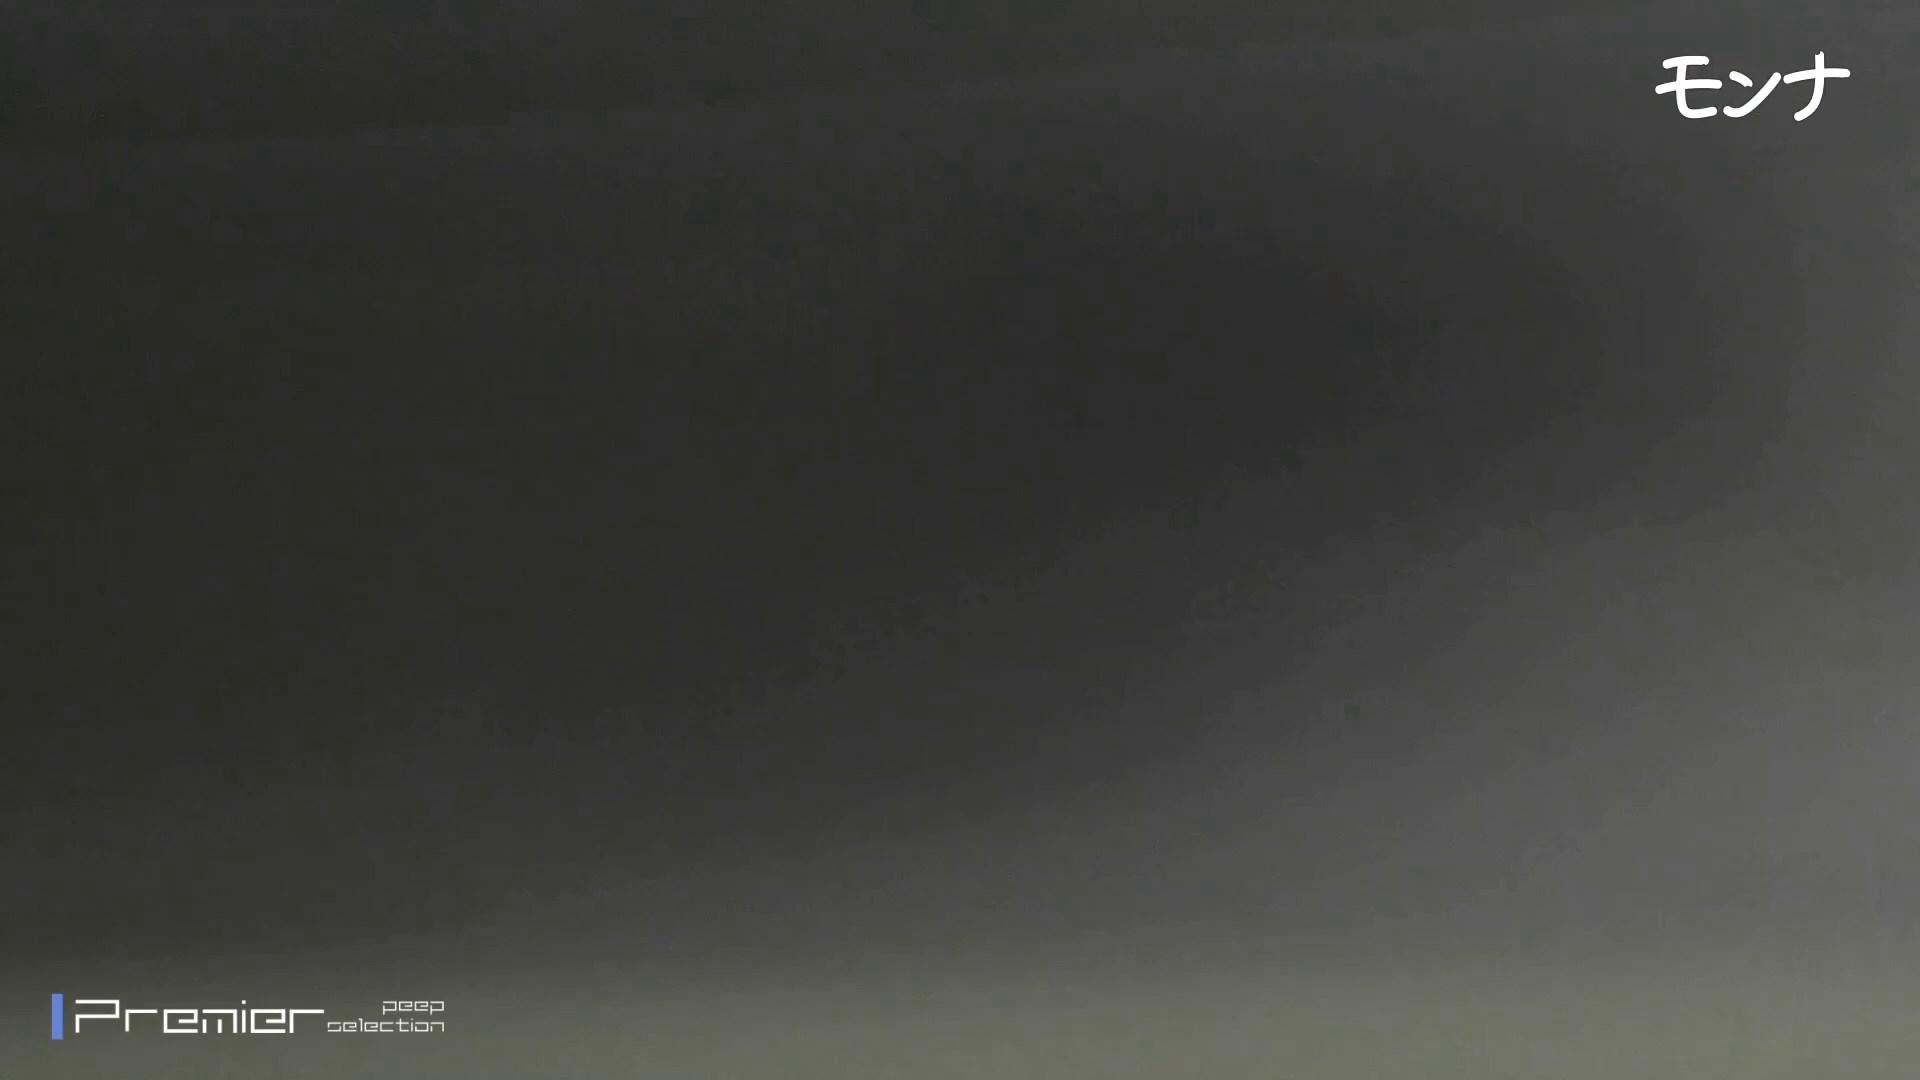 無修正エロ動画|CM 清楚なお女市さんから流れる綺麗な聖水【美しい日本の未来 No.125】|怪盗ジョーカー